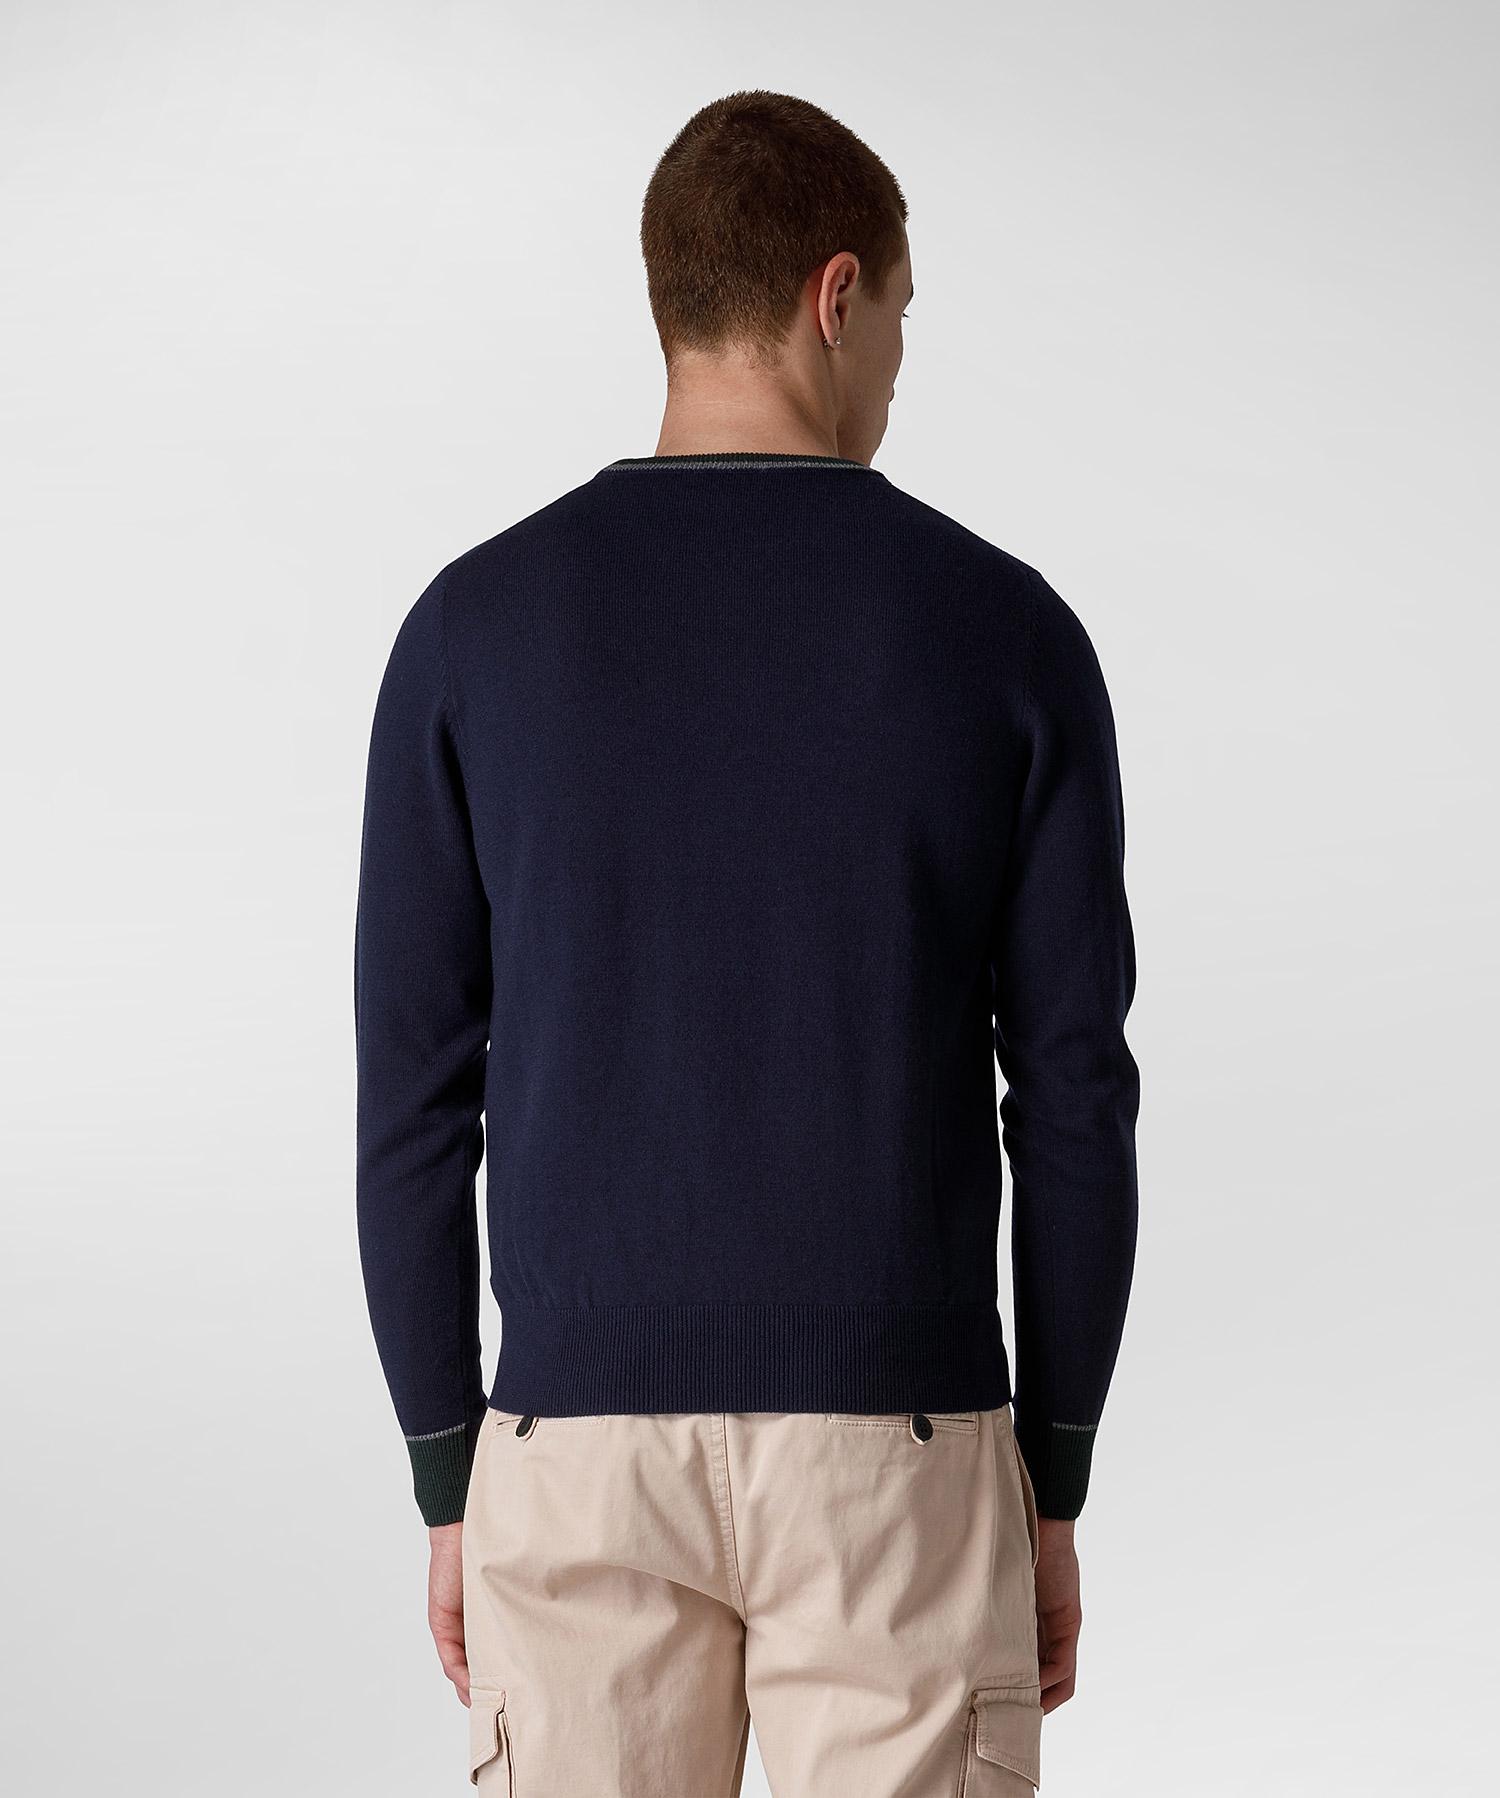 Shirt Peuterey PEUTEREY | 1 | PEU365399011947215